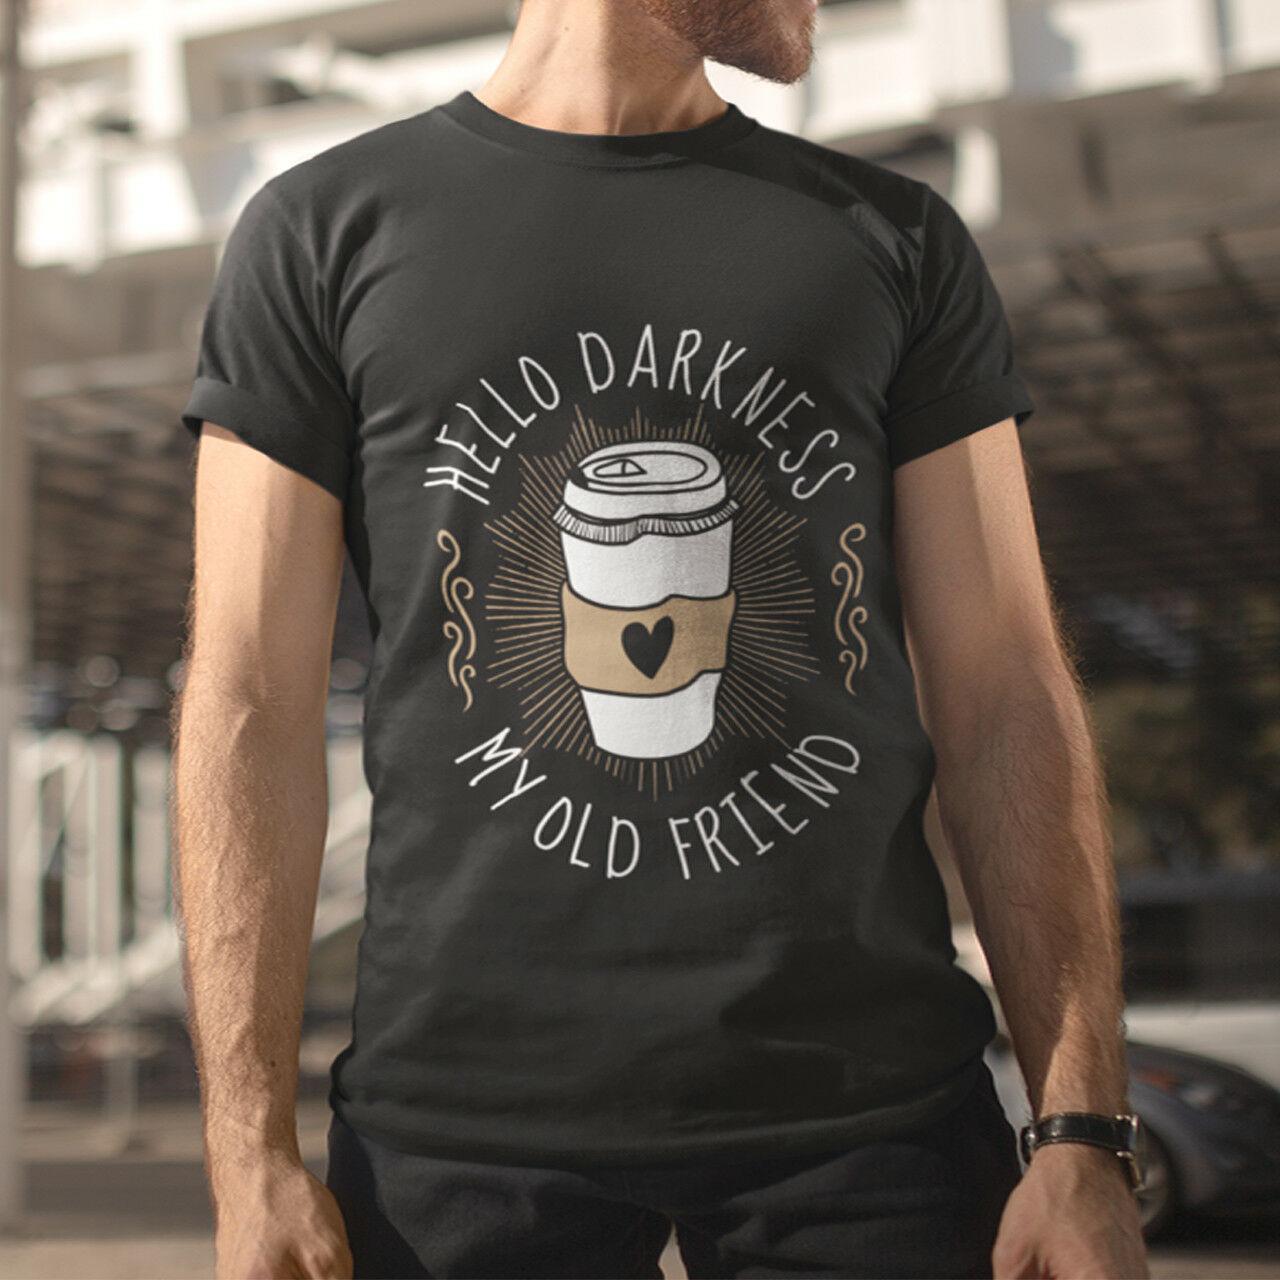 99c21cc4 Hello Darkness My Old Friend Men's Black T-Shirt Size S M L XL 2XL 3XL 4XL  hoodie hip hop t-shirt